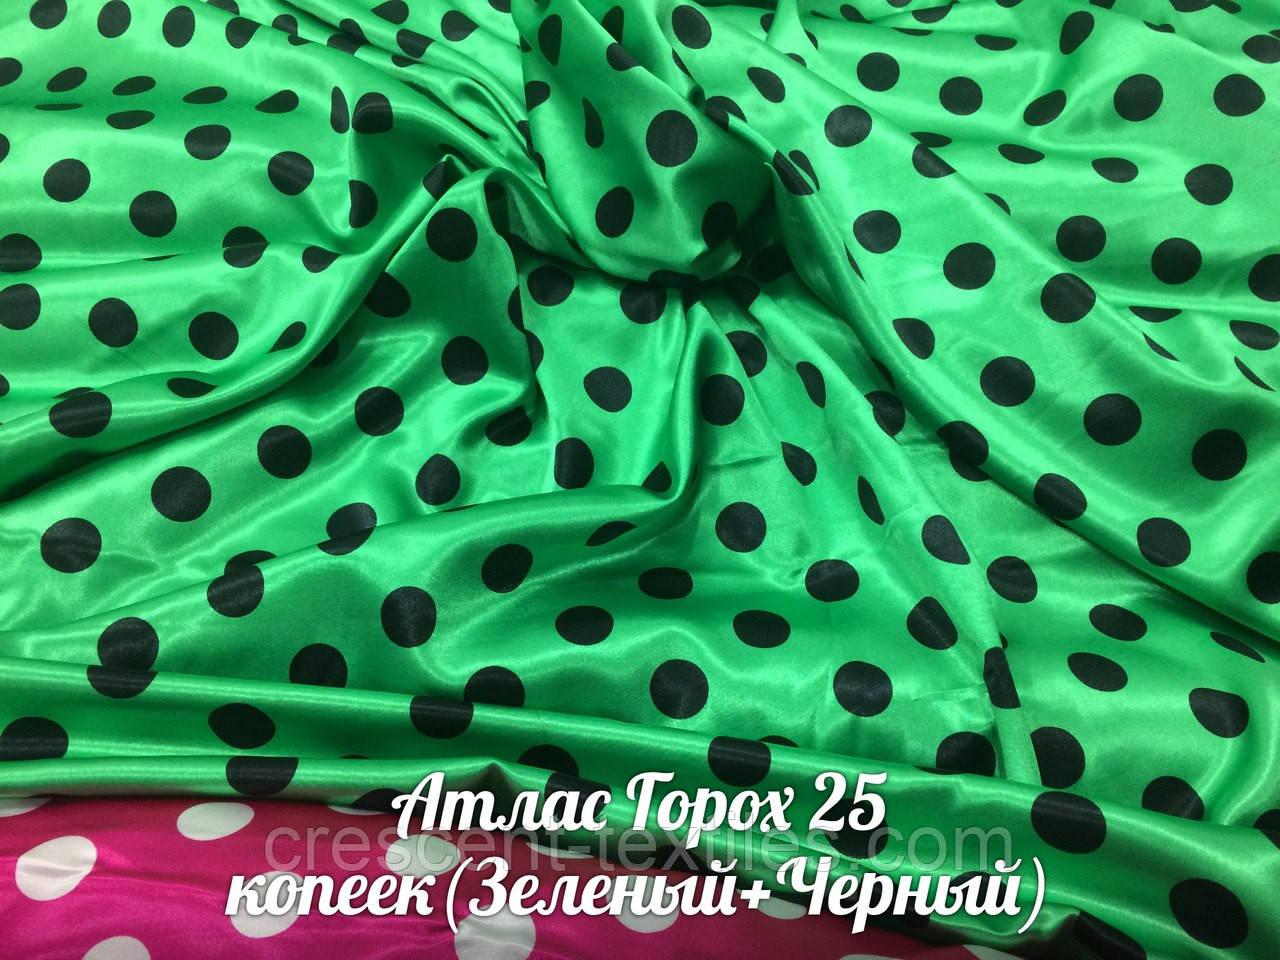 Атлас Стрейч Горох 25 копеек (Зеленый+Черный Горох)